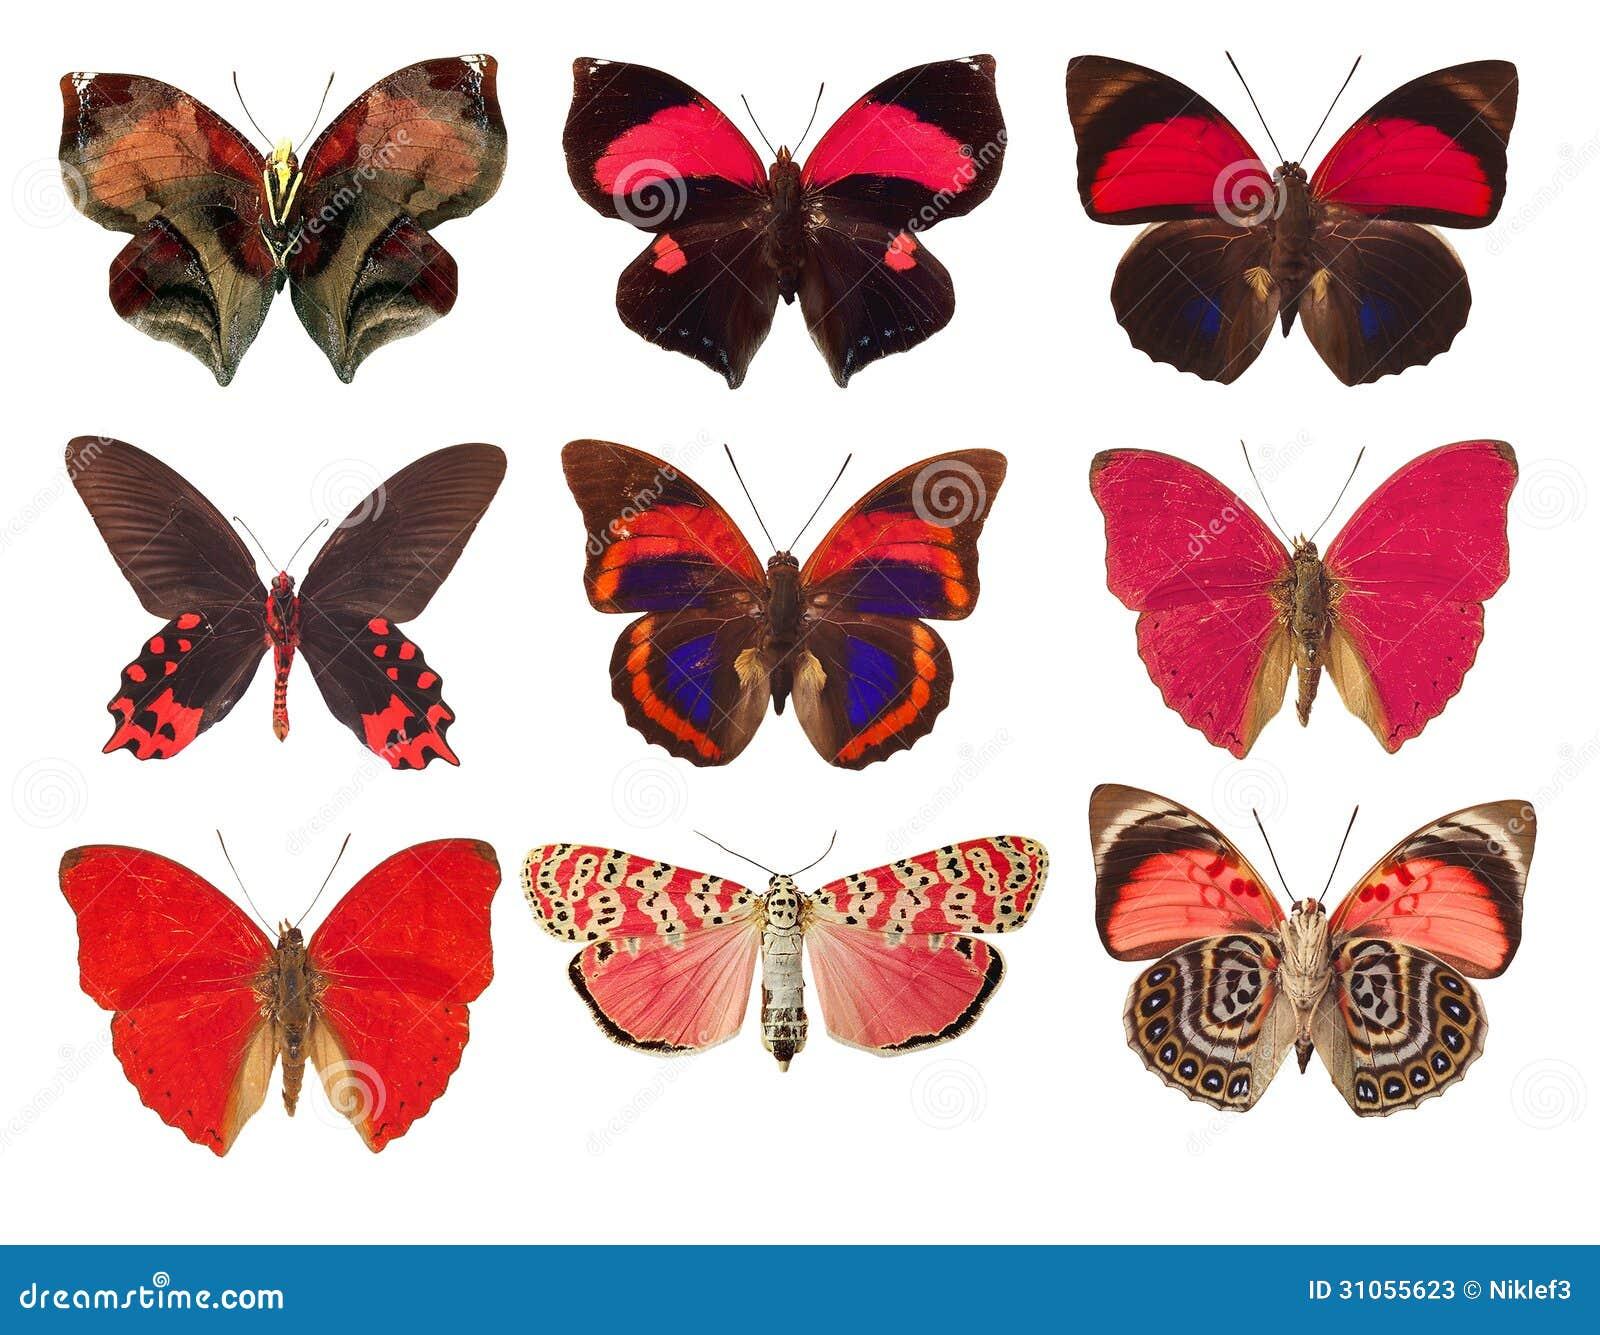 συλλογή των κόκκινων πεταλούδων σε ένα άσπρο υπόβαθρο